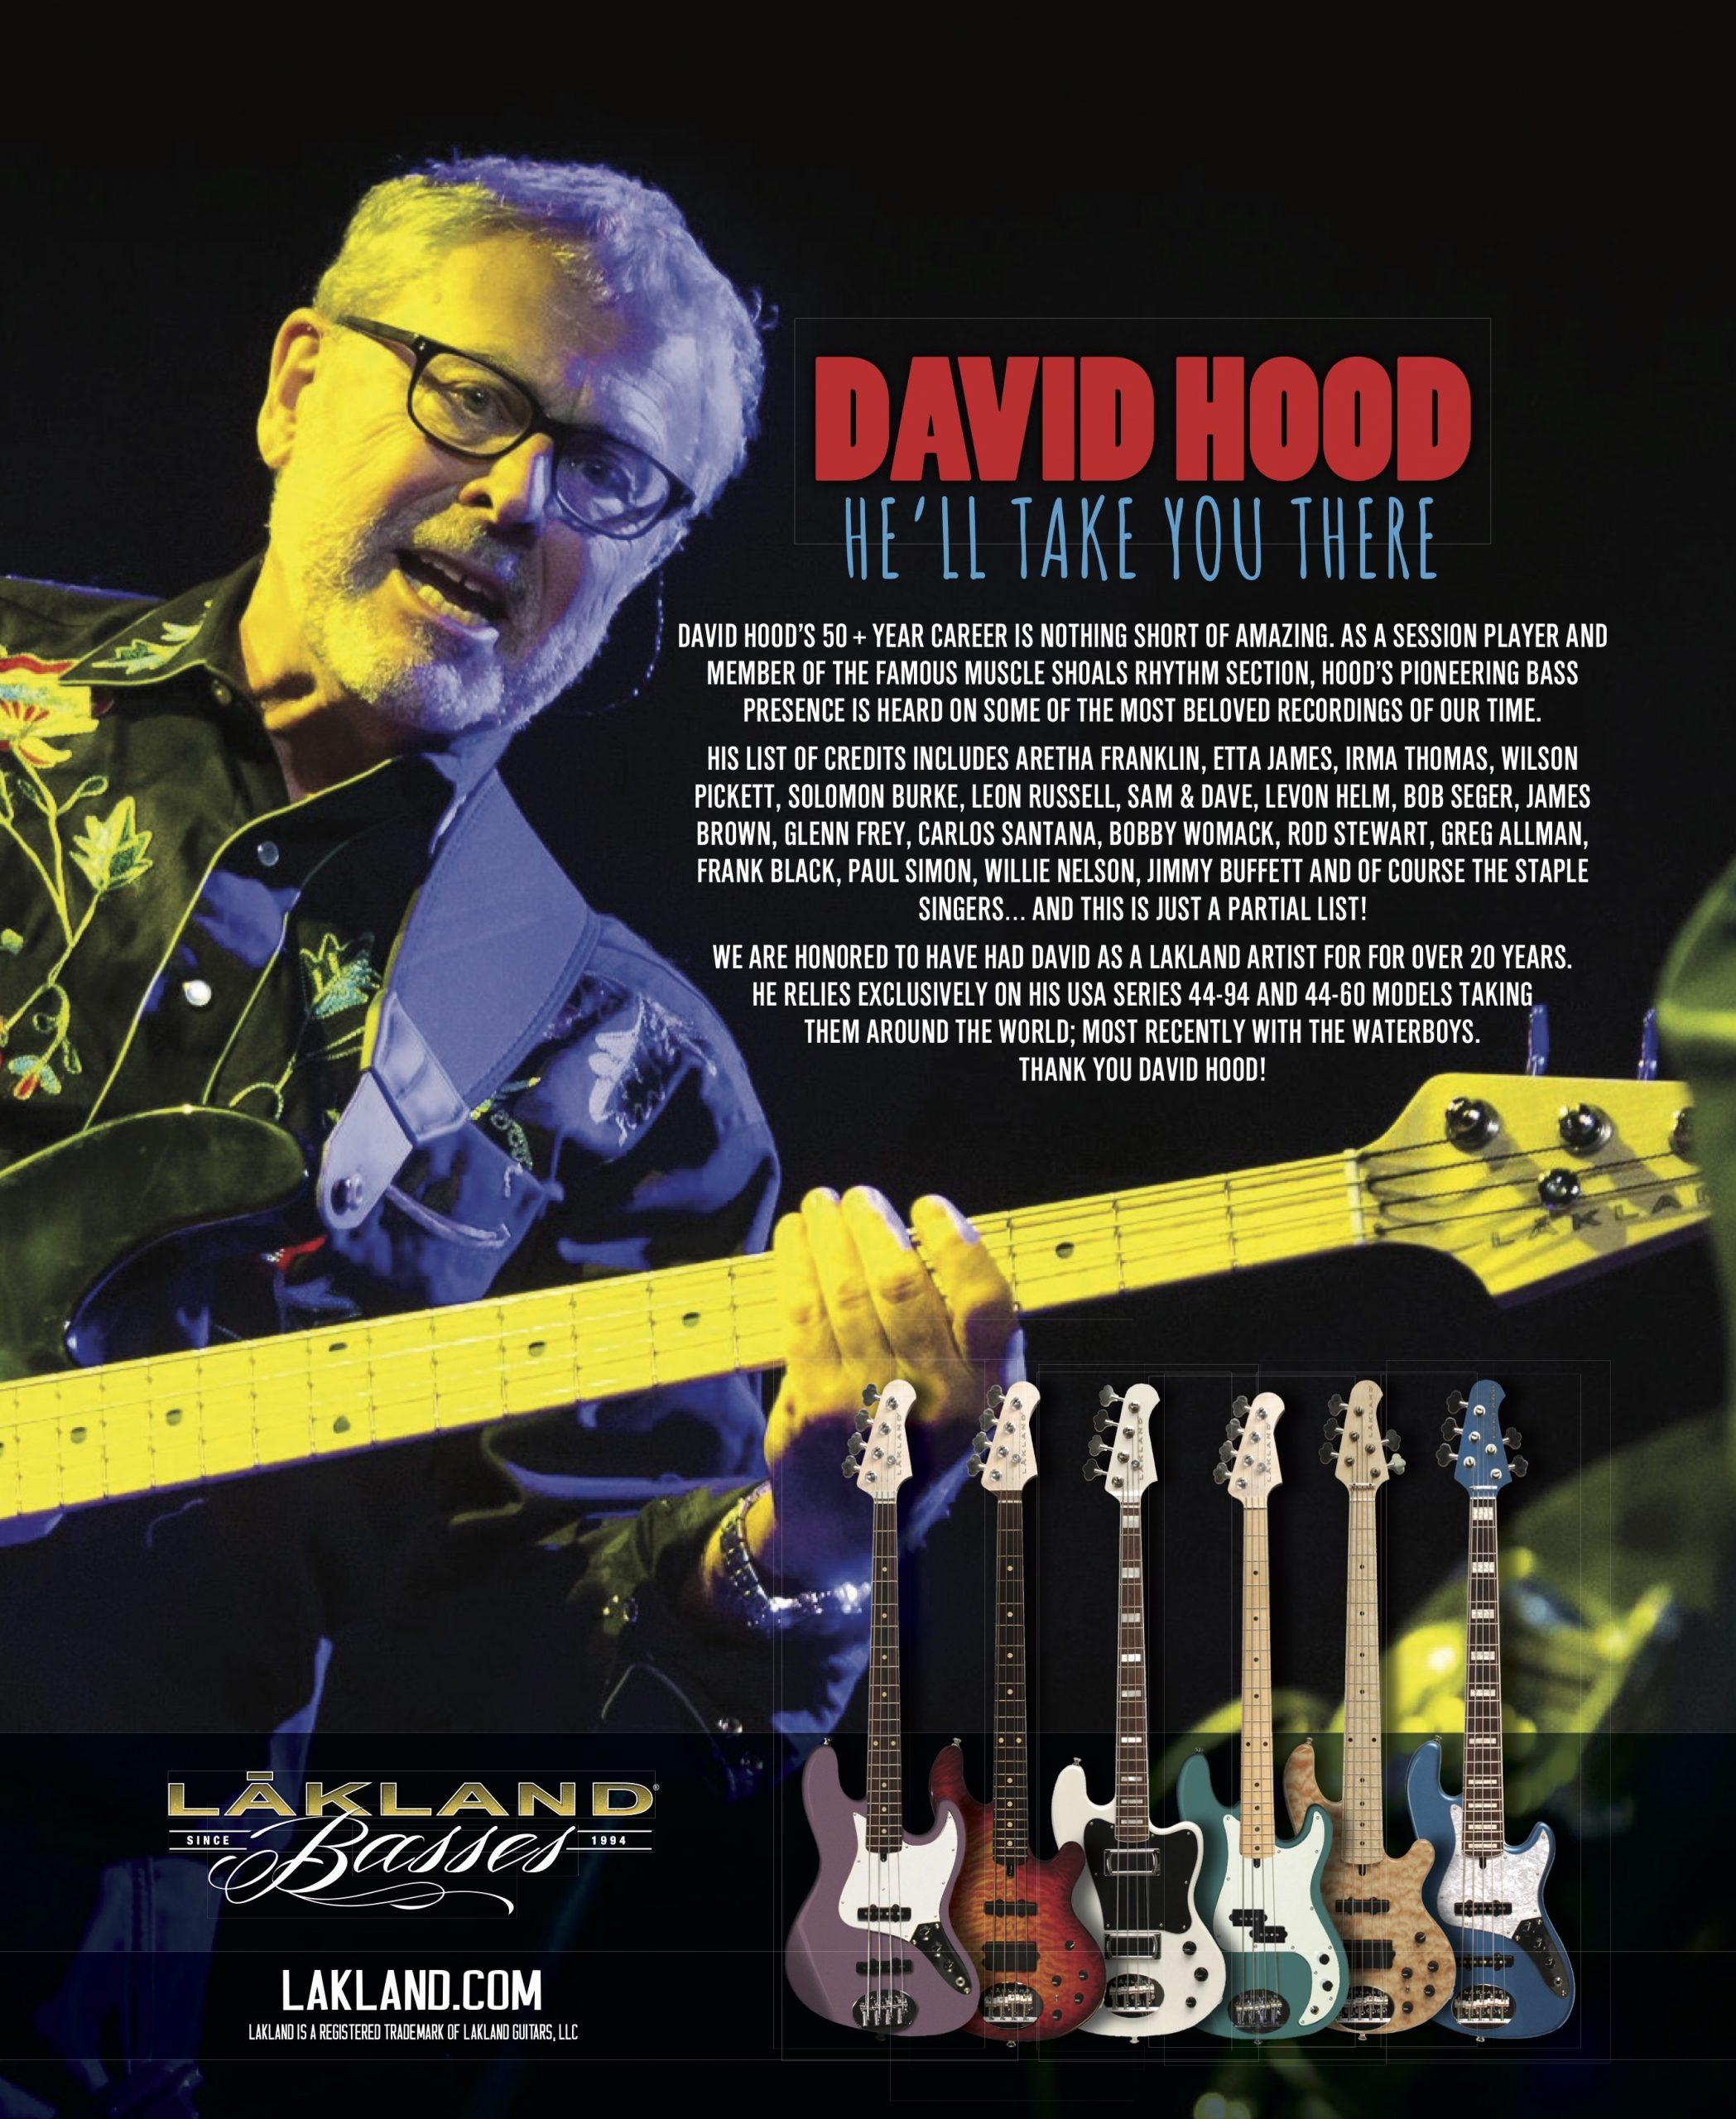 David Hood Plays A Lakland Bass